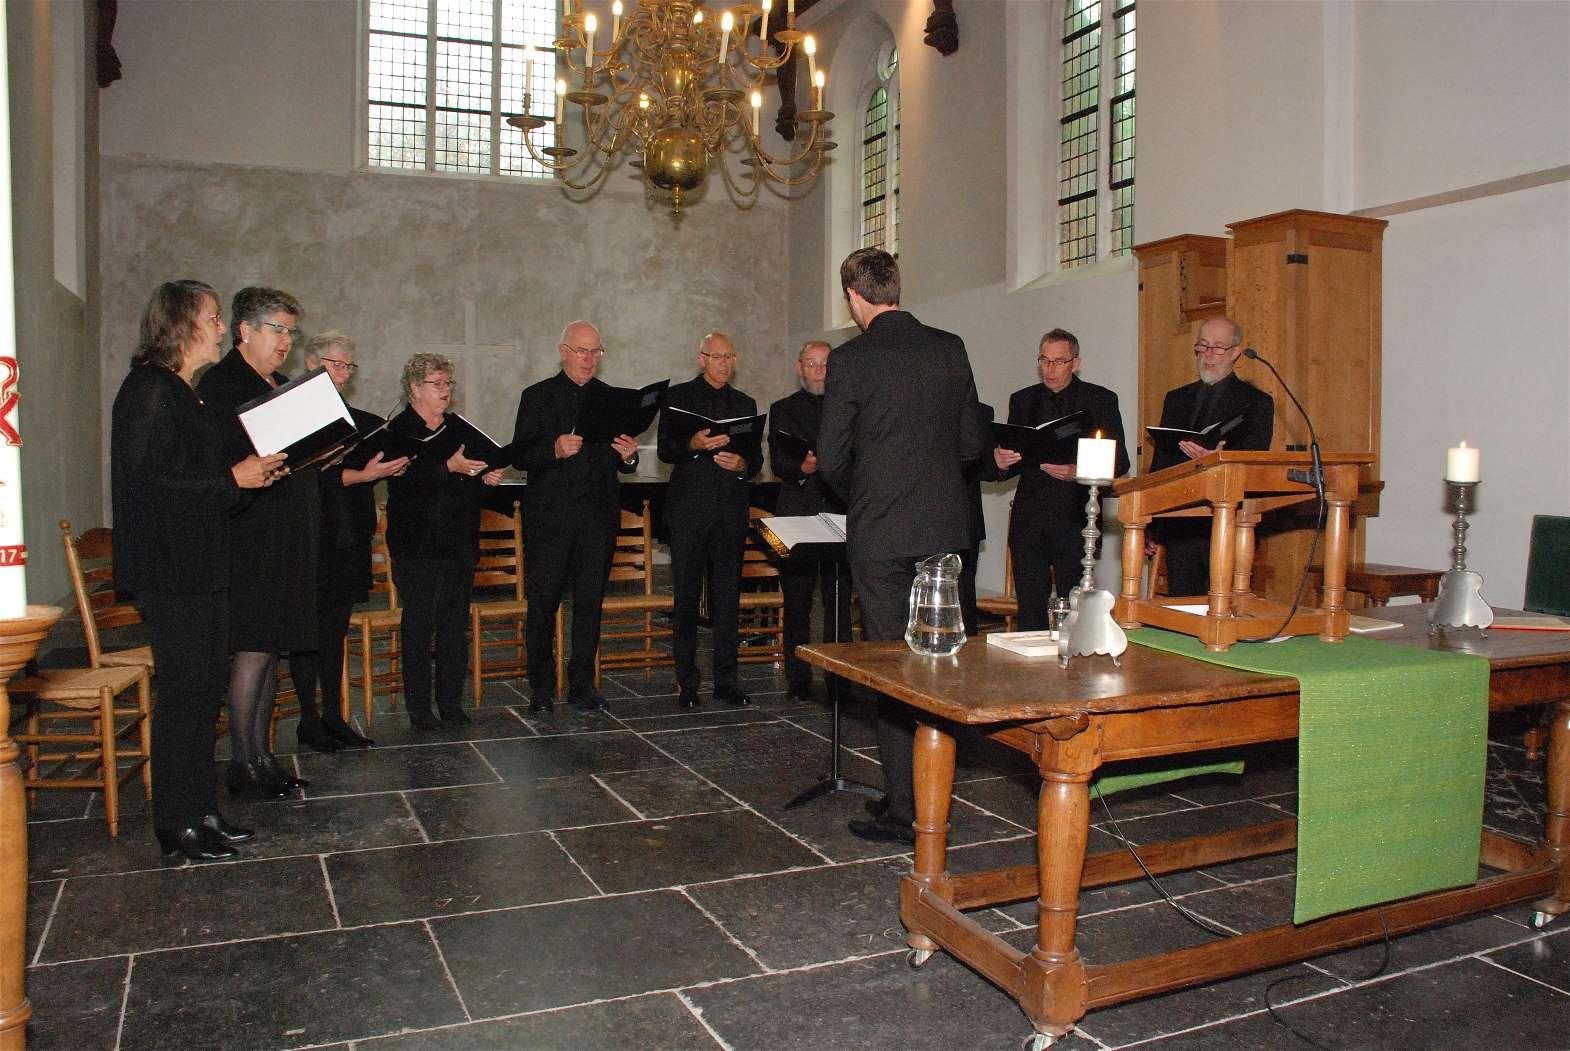 Het koor in het koor van de kerk